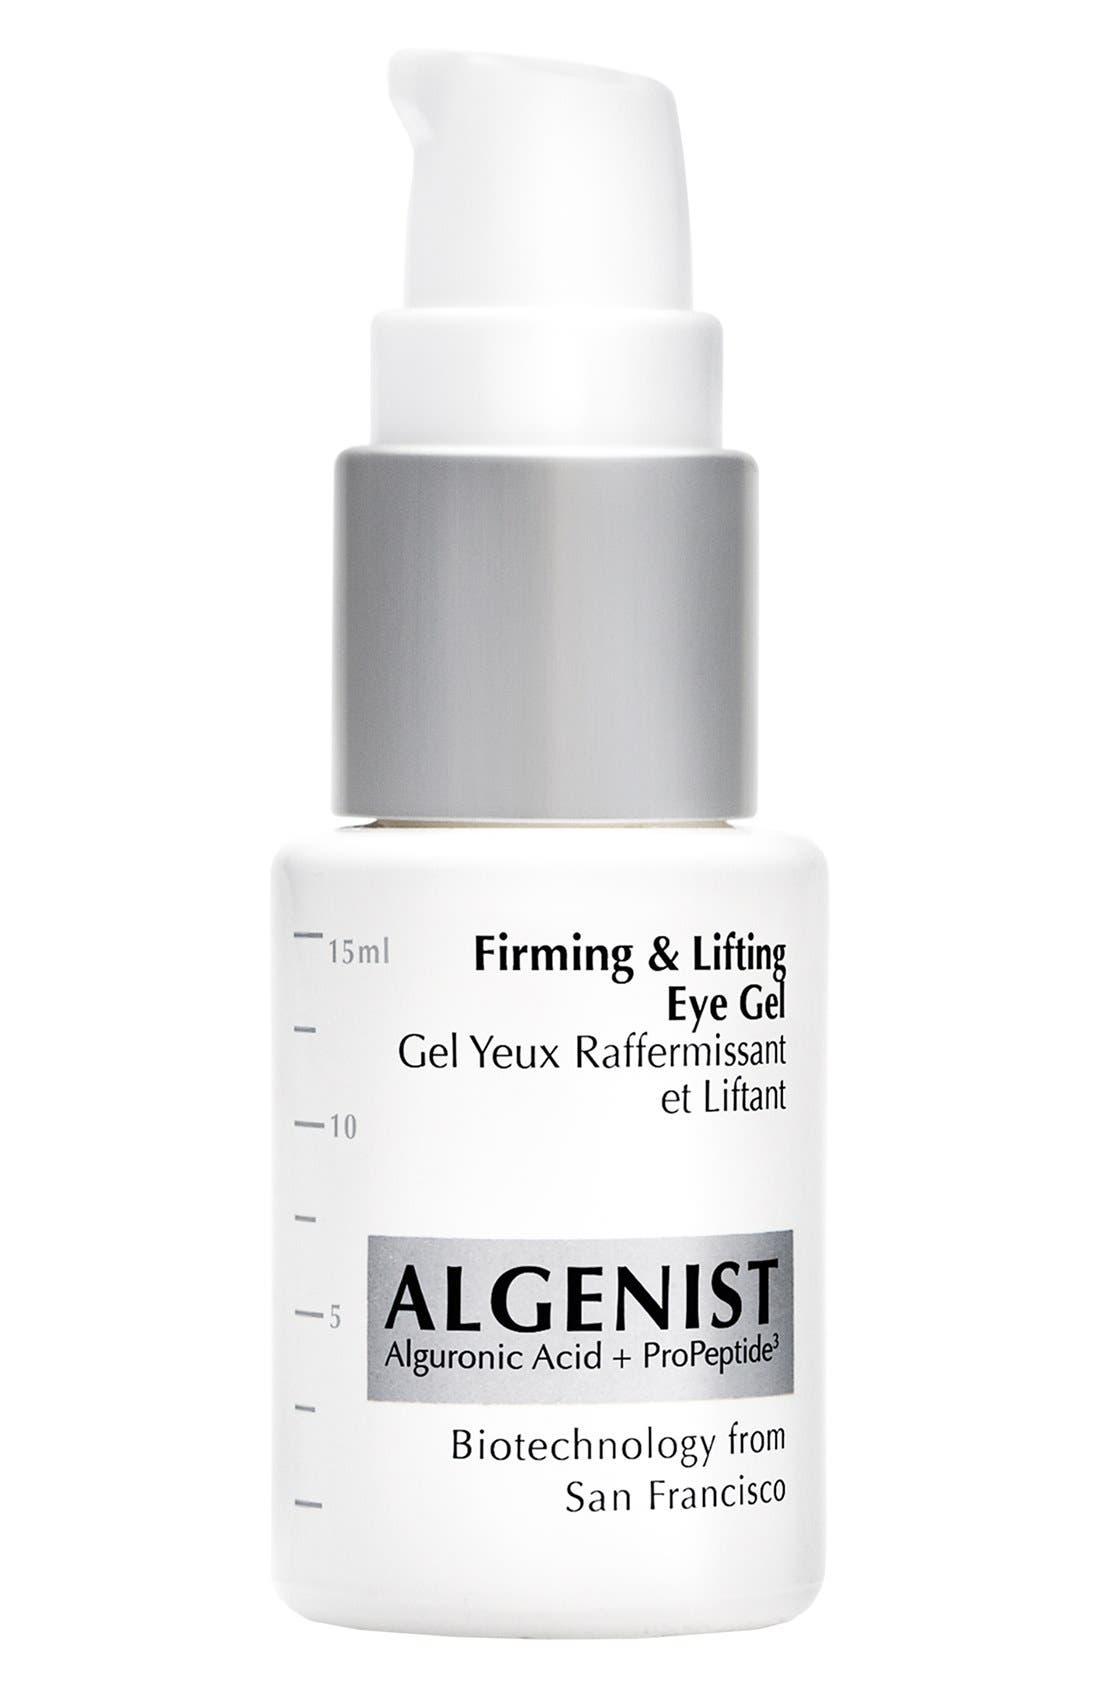 Algenist Firming & Lifting Eye Gel